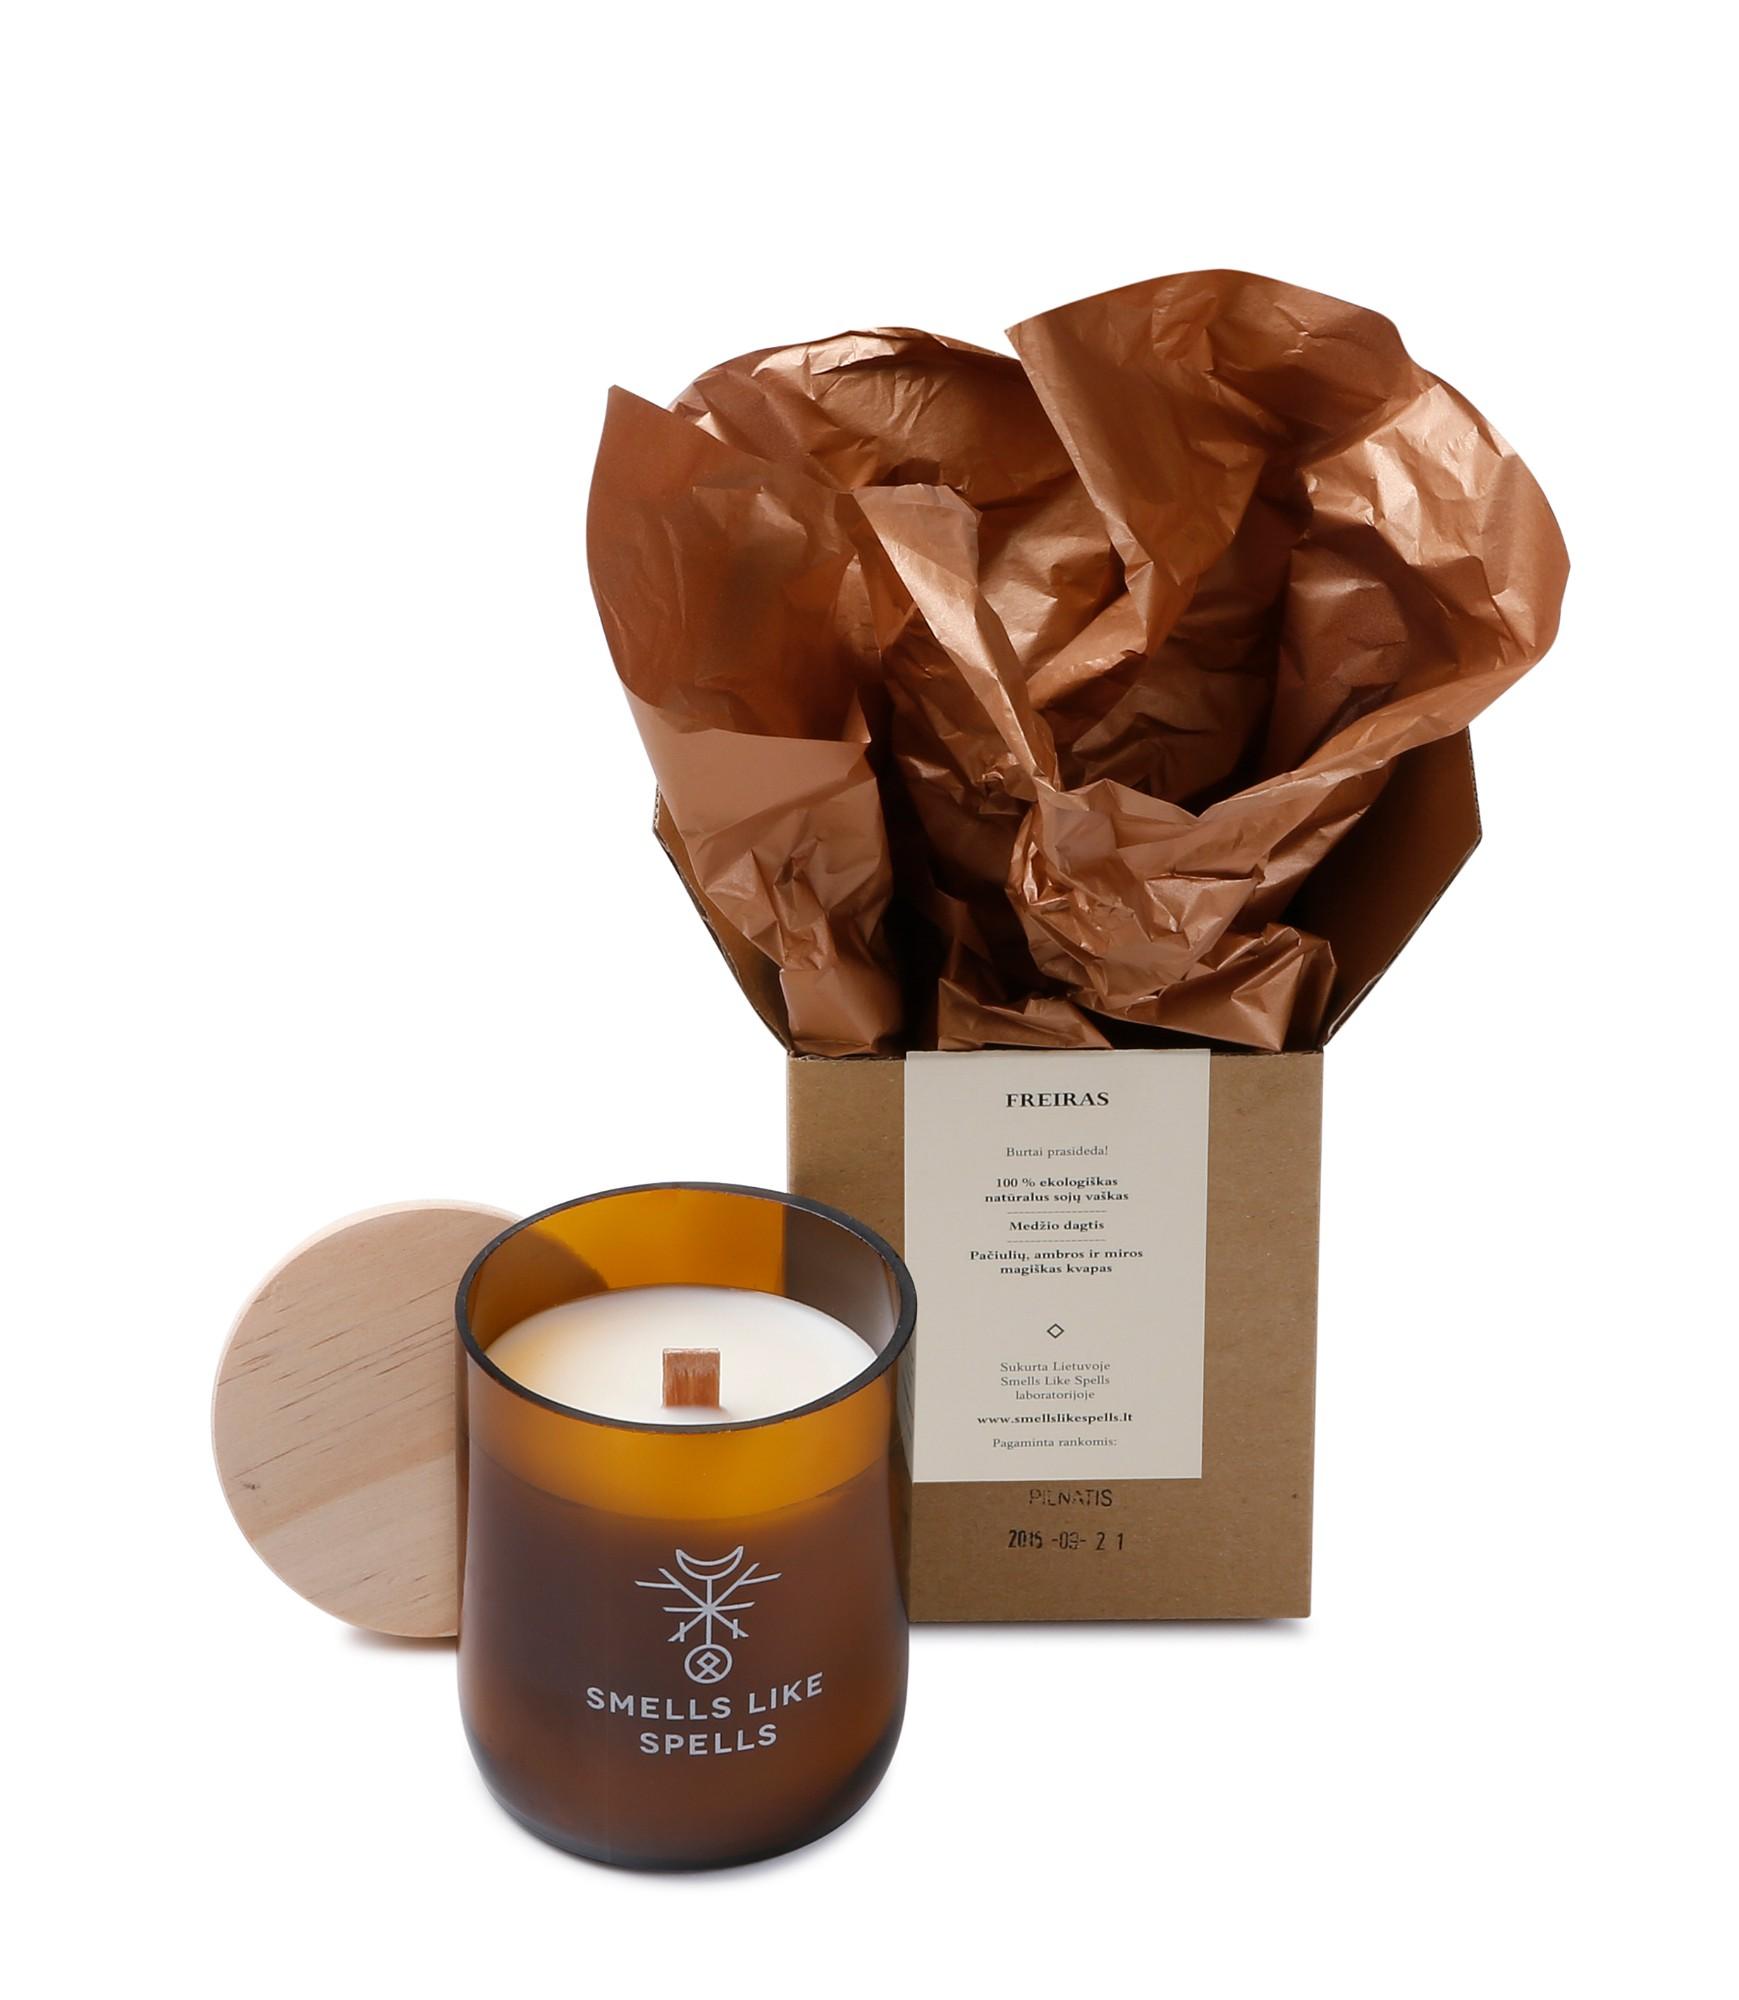 SMELLS LIKE SPELLS kvapioji žvakė FREIRAS  (Pačiulių, miros ir ambros magiškas kvapas)